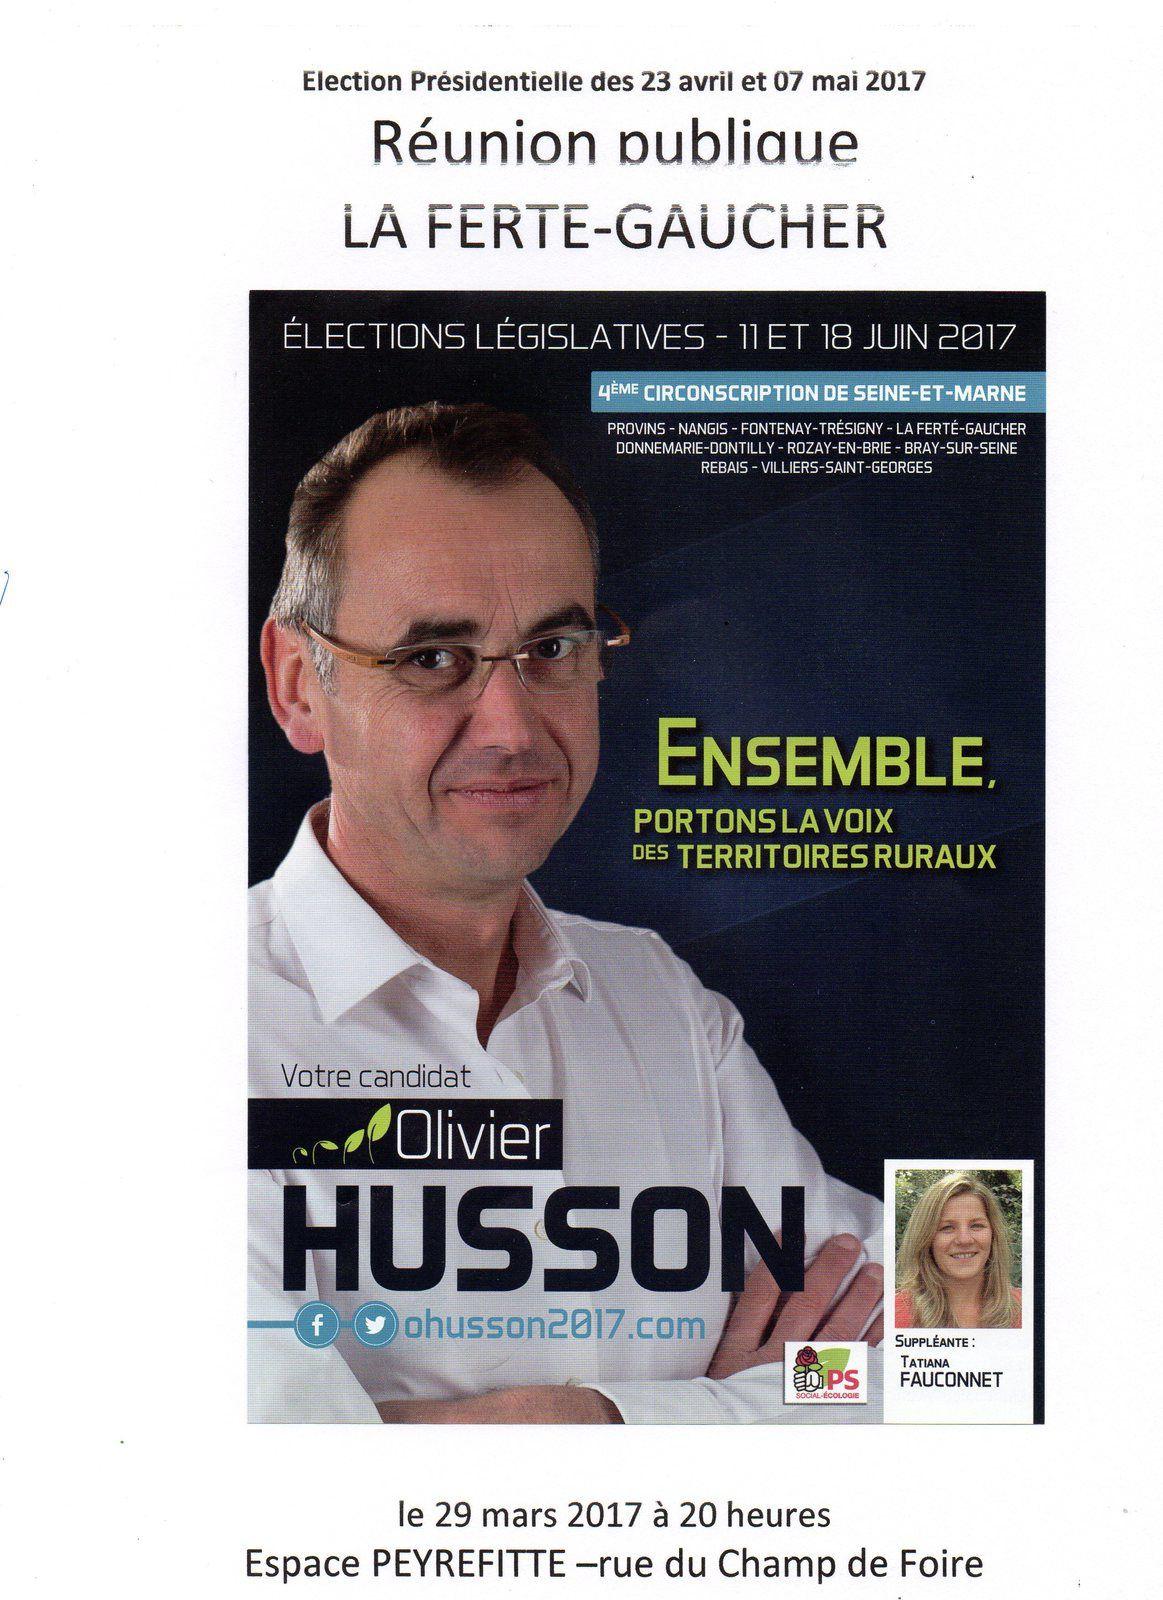 REUNION PUBLIQUE - 4ème circonscription de Seine et Marne